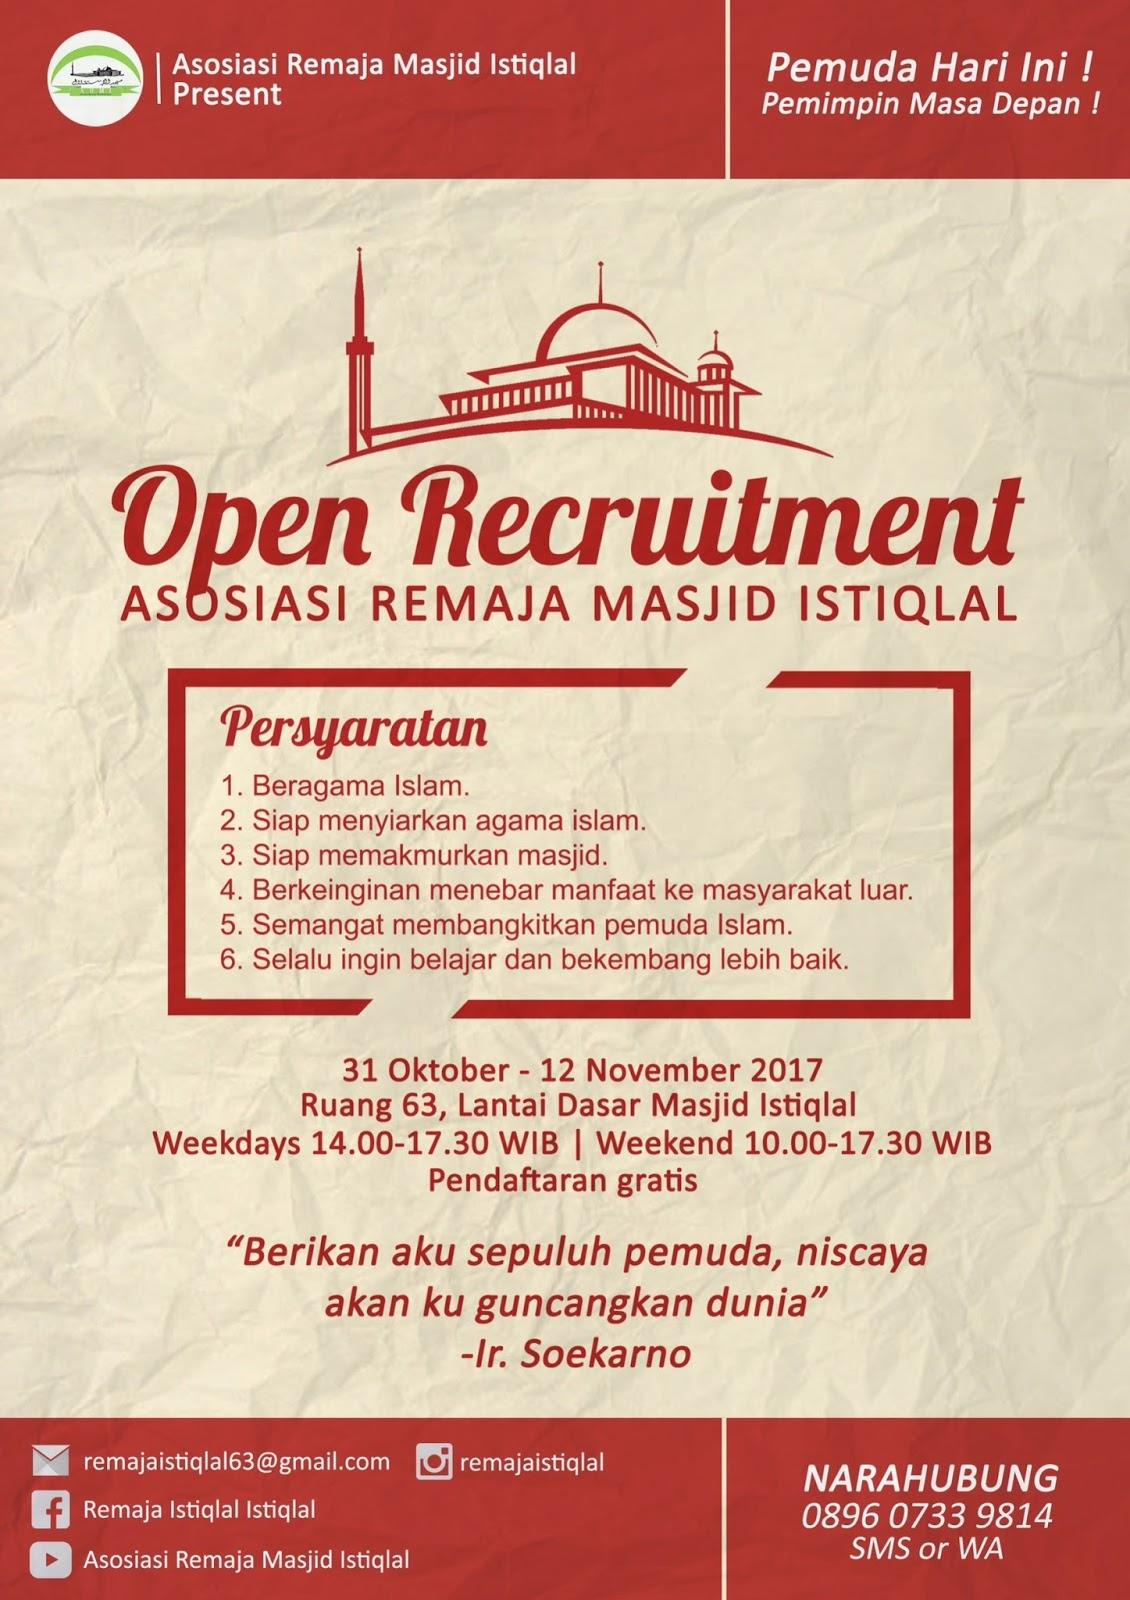 Asosiasi Remaja Masjid Istiqlal